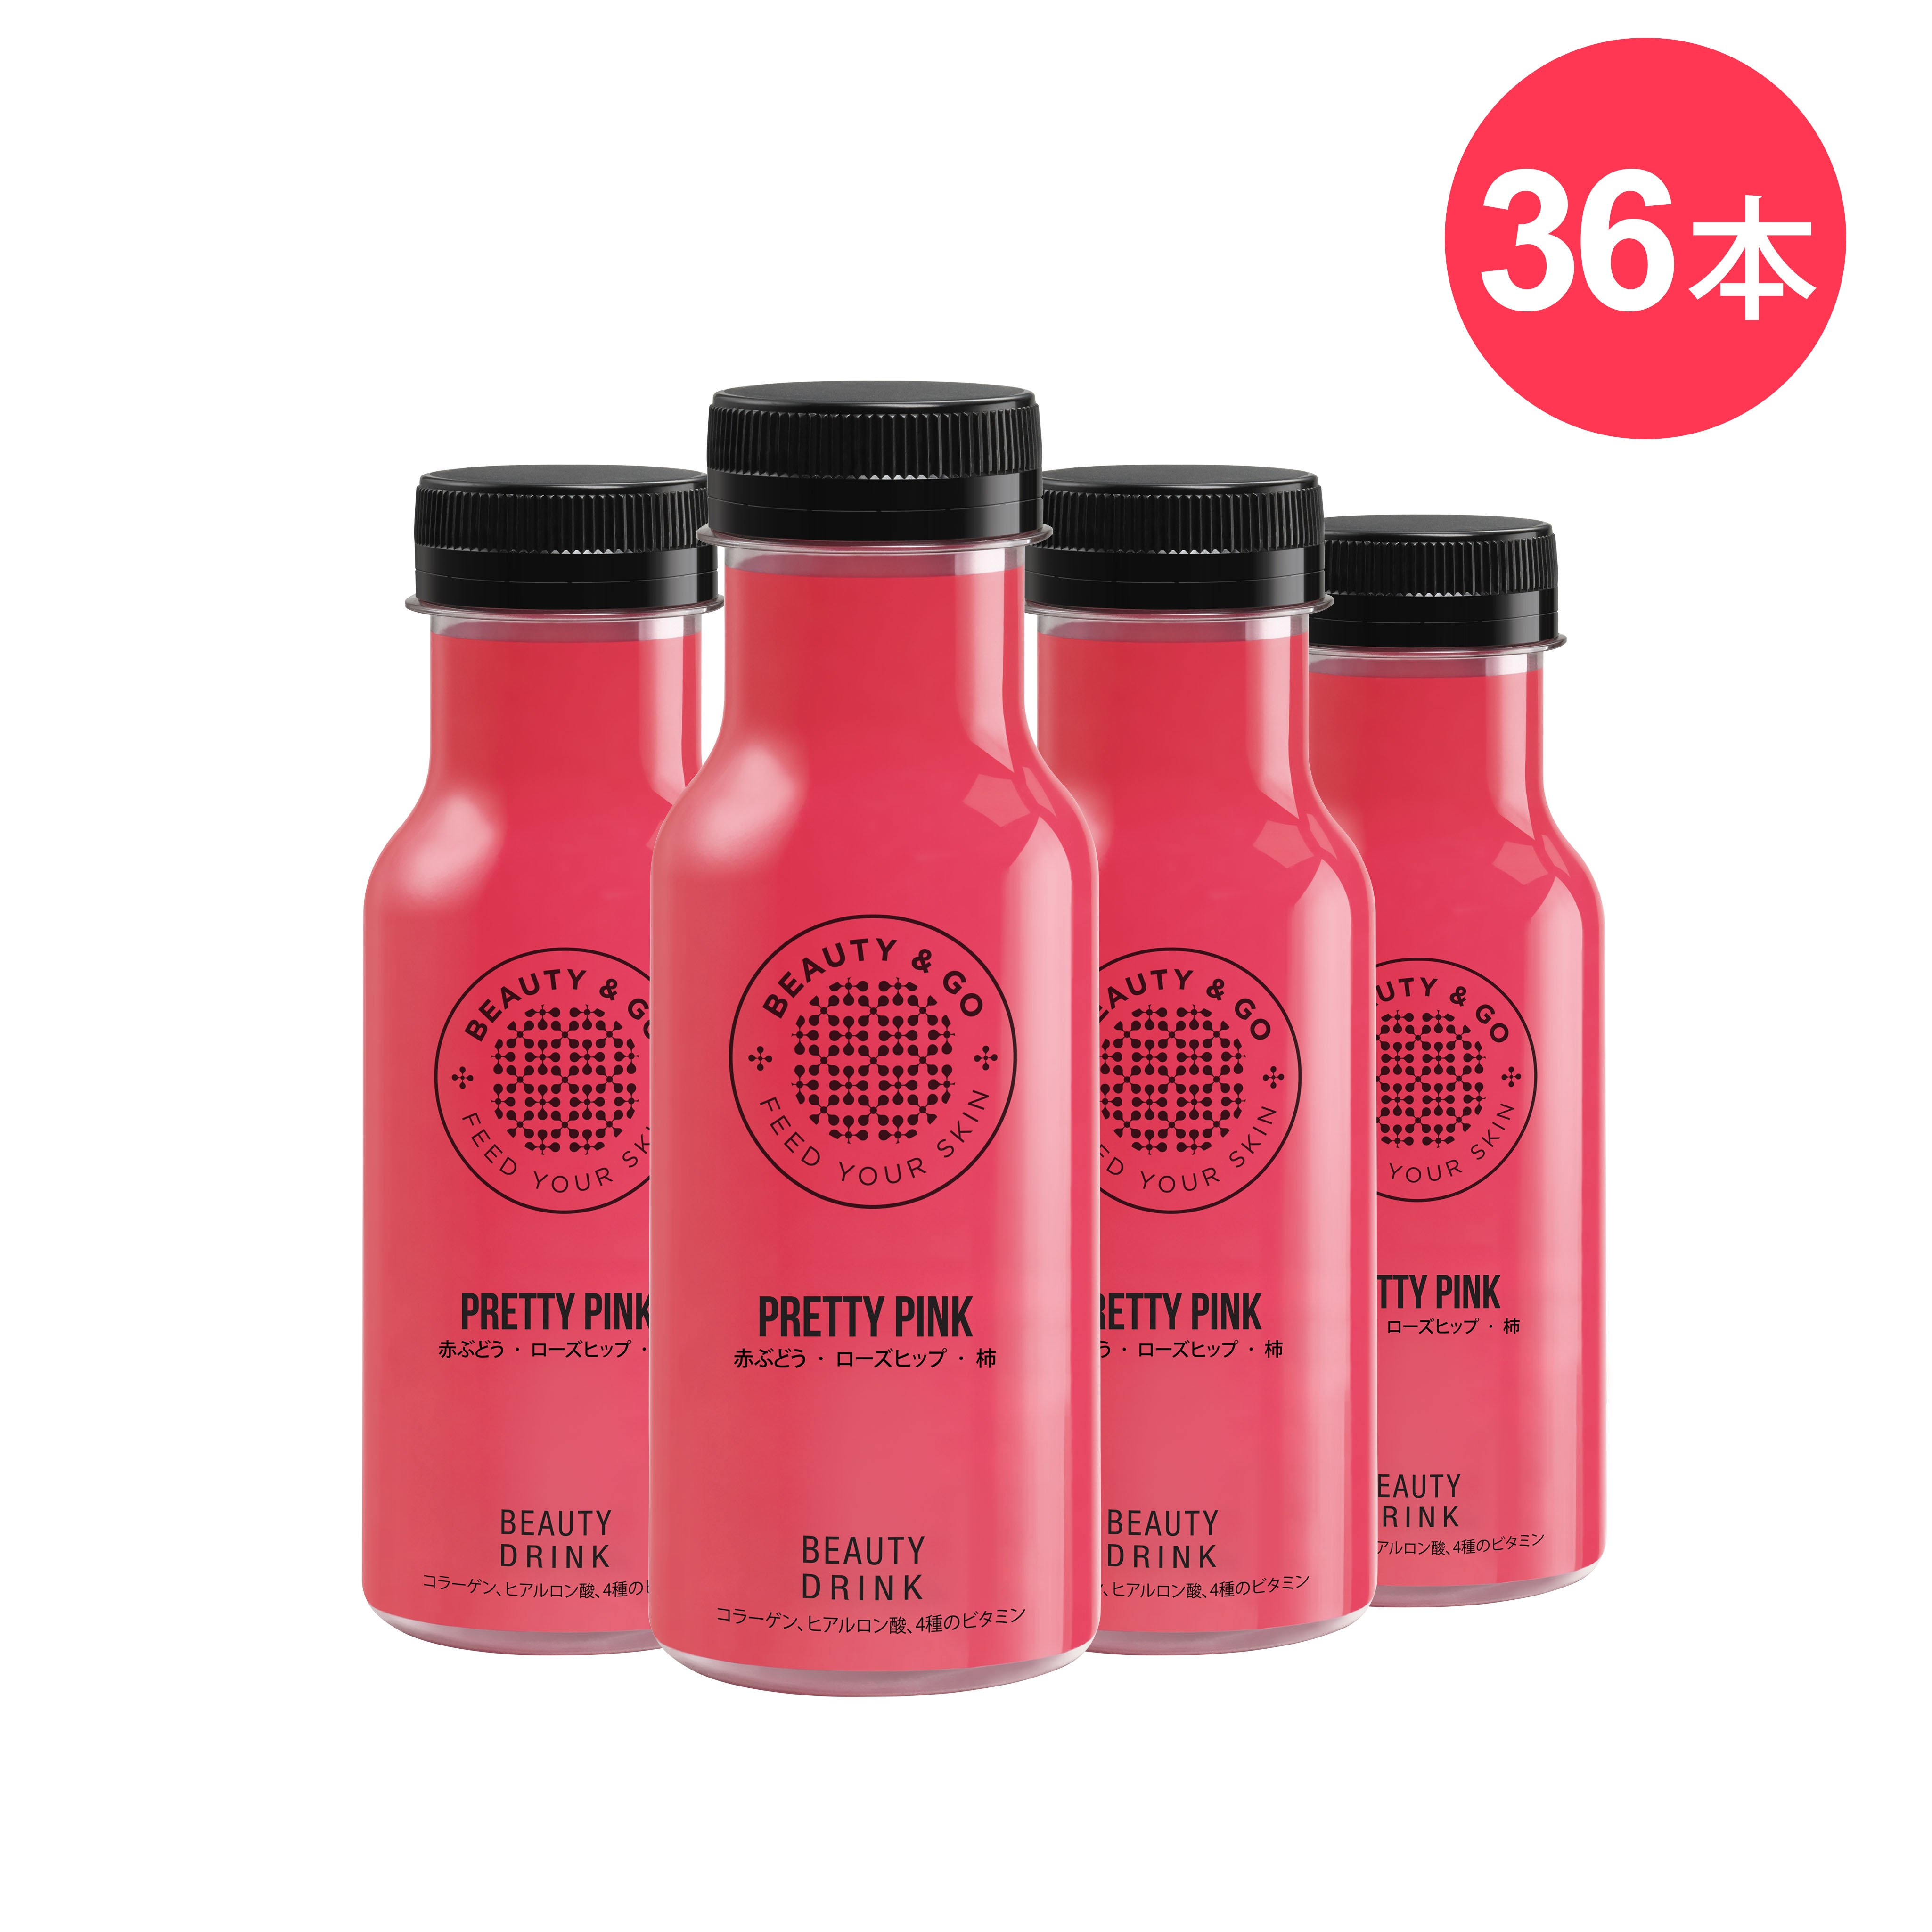 プリティーピンク(Pretty Pink)